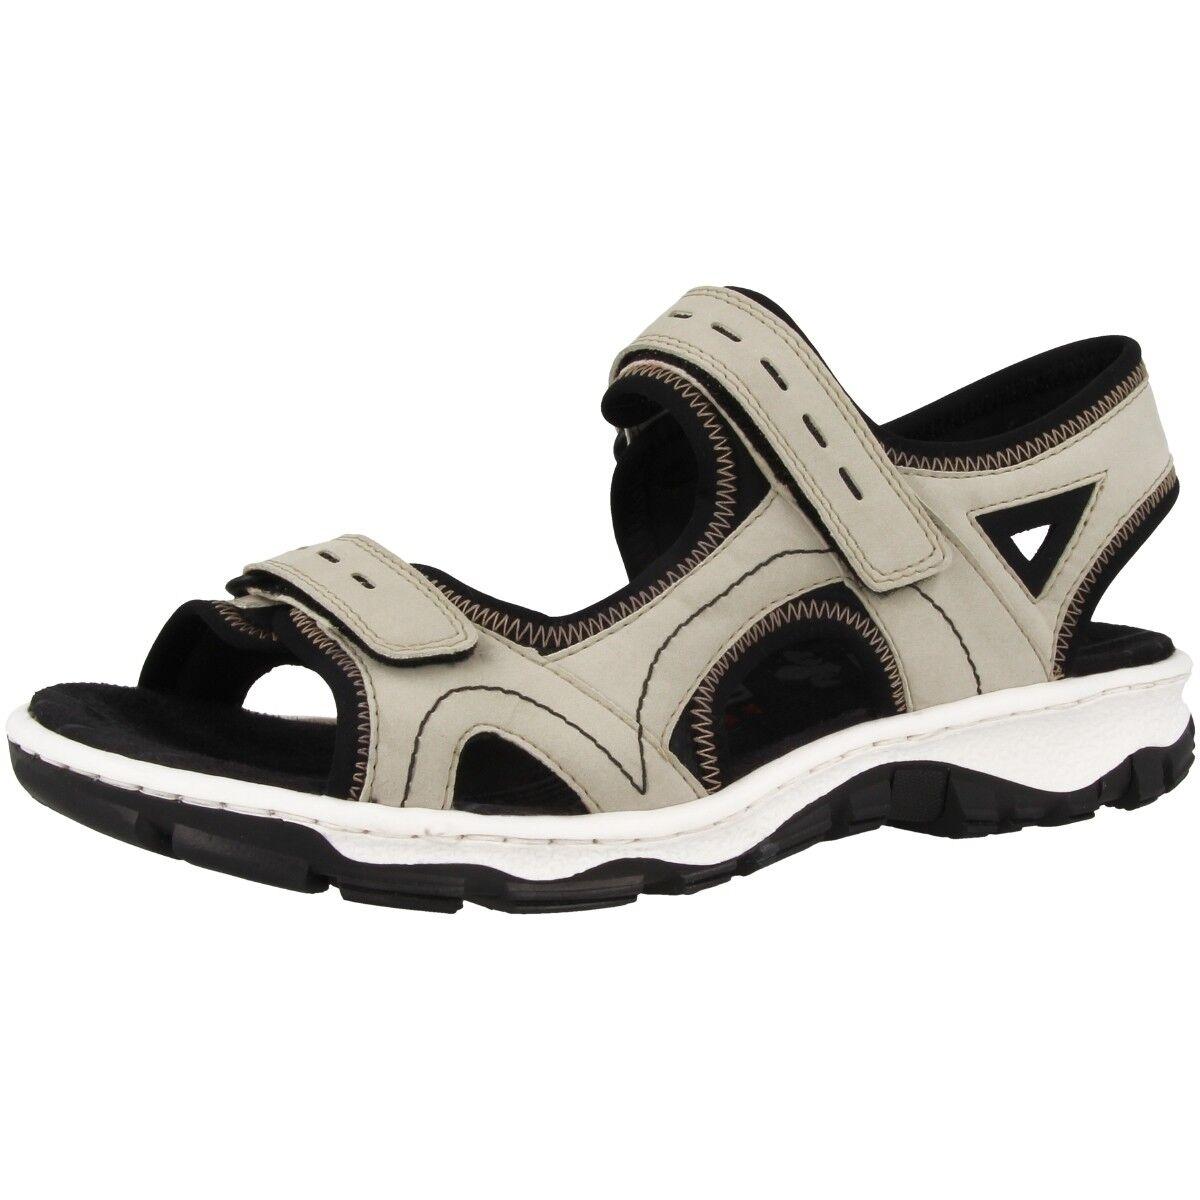 Rieker Buk-Scuba zapatos outdoor outdoor outdoor trekking sandalias anti estrés decorado 68866-61  venta mundialmente famosa en línea